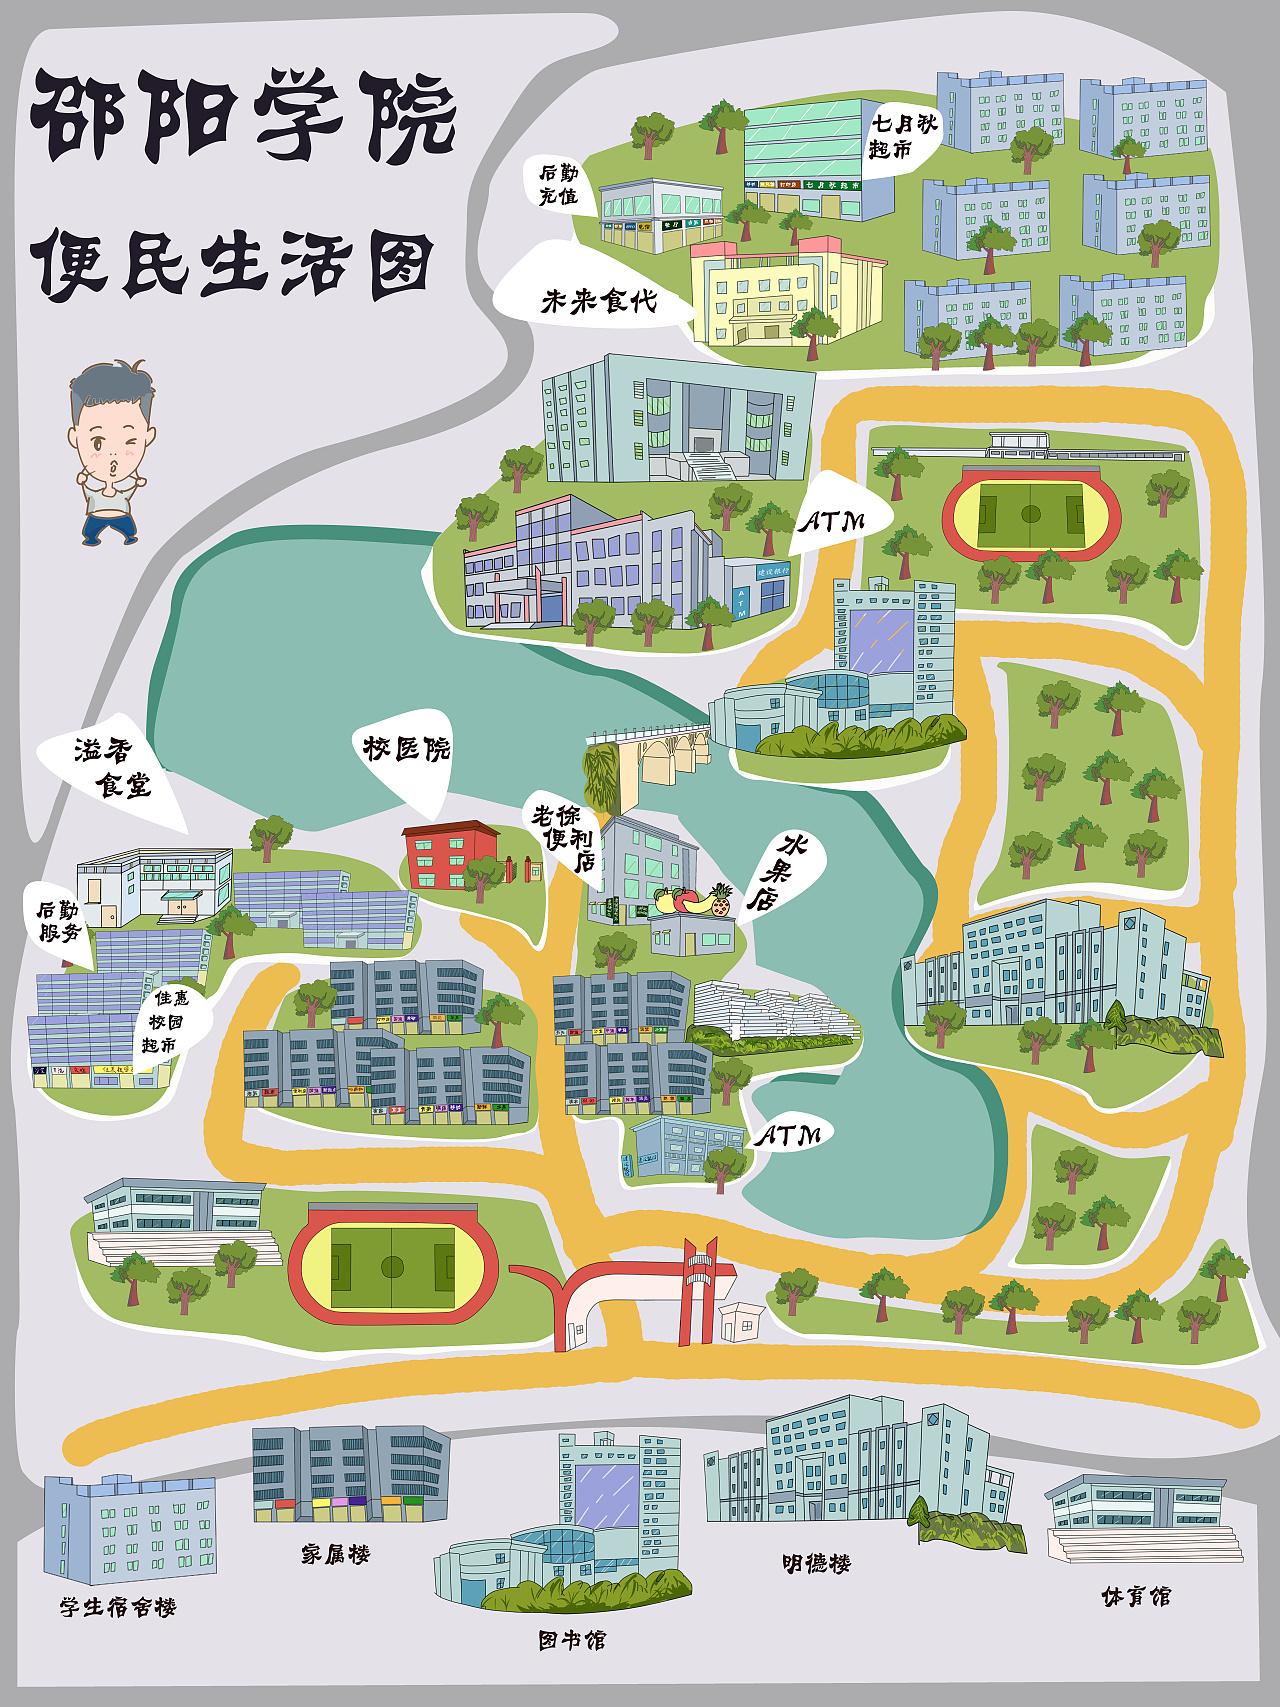 手绘校园地图|插画|其他插画|山谷风 - 原创作品